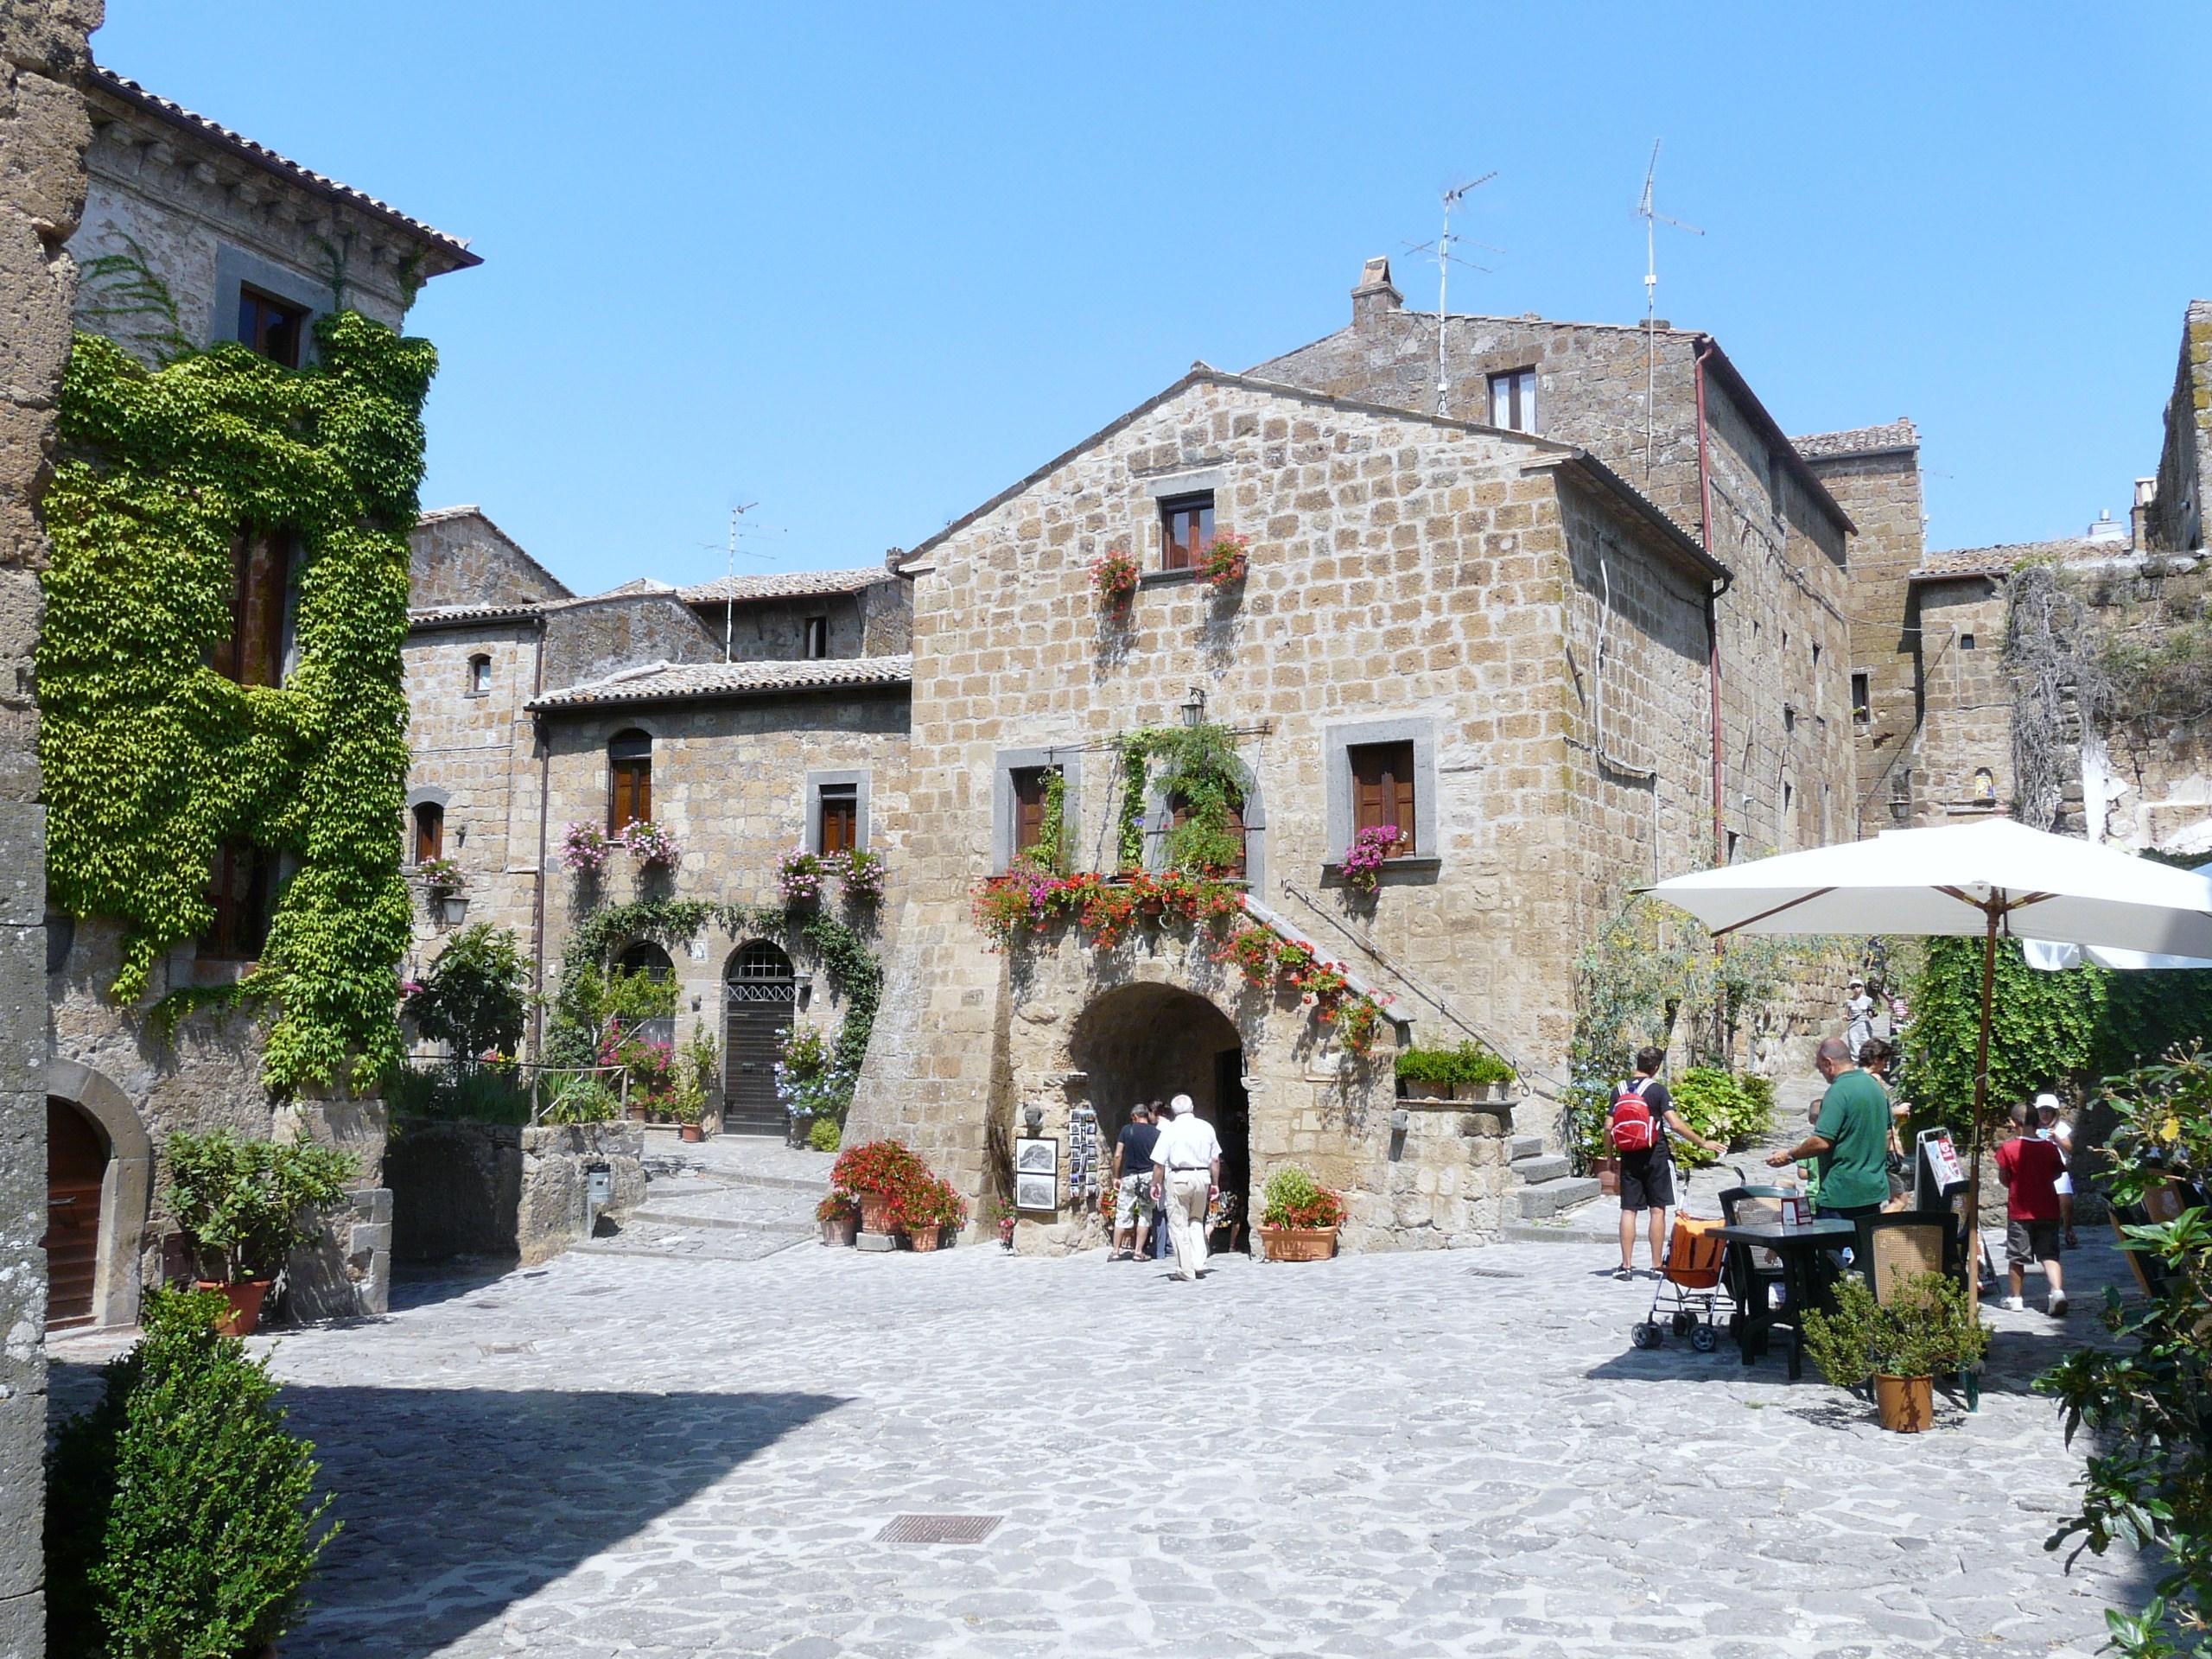 File:Civita di Bagnoregio-piazza.jpg - Wikimedia Commons